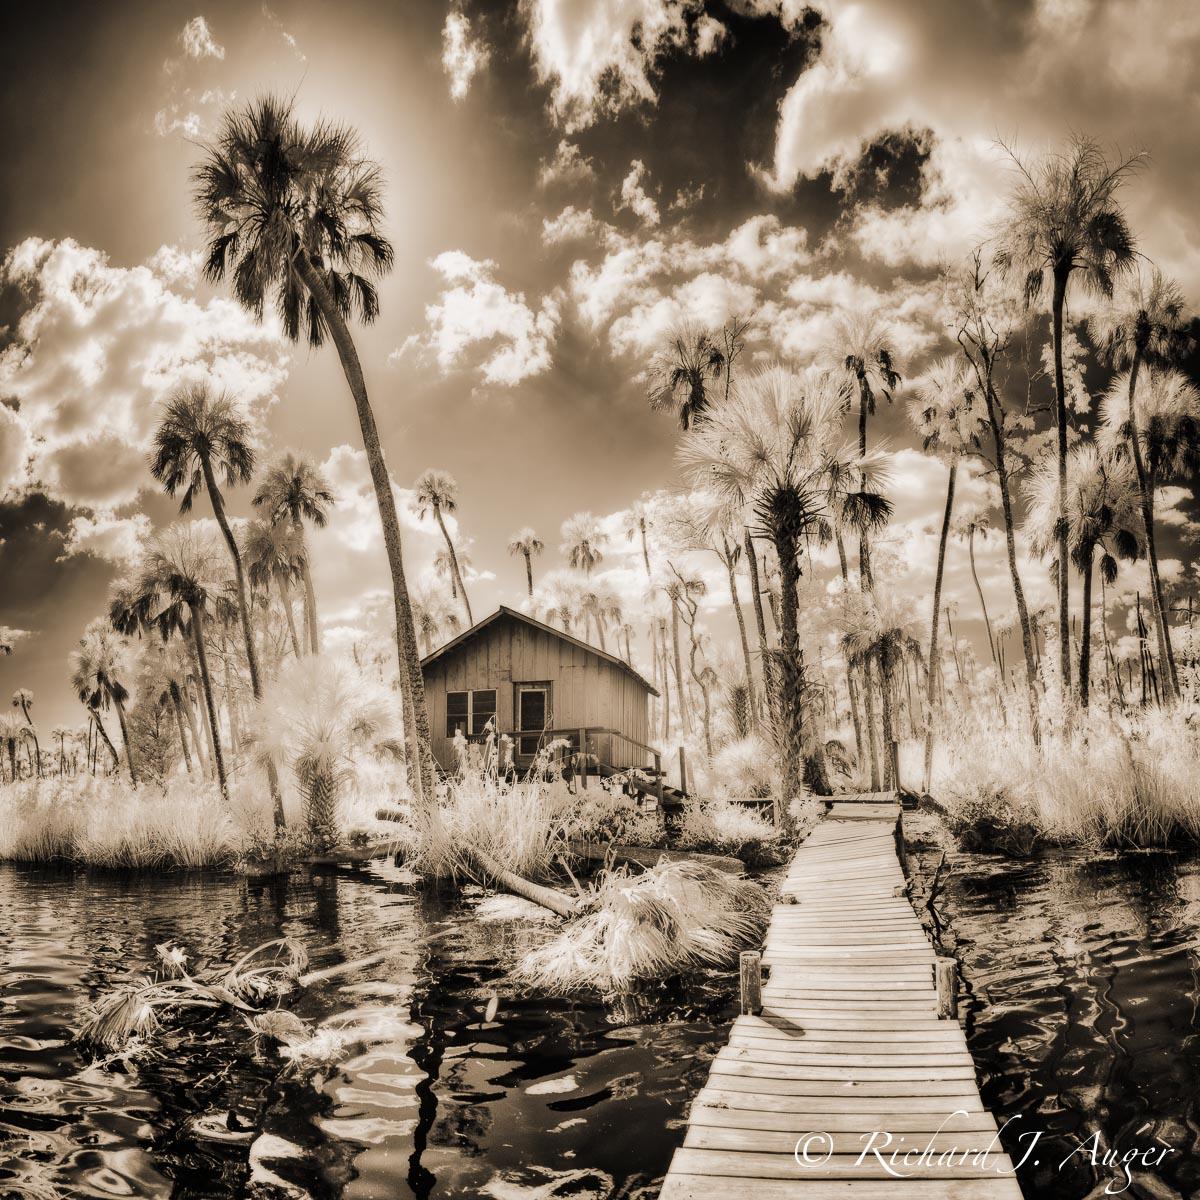 Chassahowitzka River, Florida, Shack, Walkway, Palm Trees, Water, Coastal, Swamp, Kayaking, Landscape, Photographer, Infrared, Backlit, sepia tone, monochrome